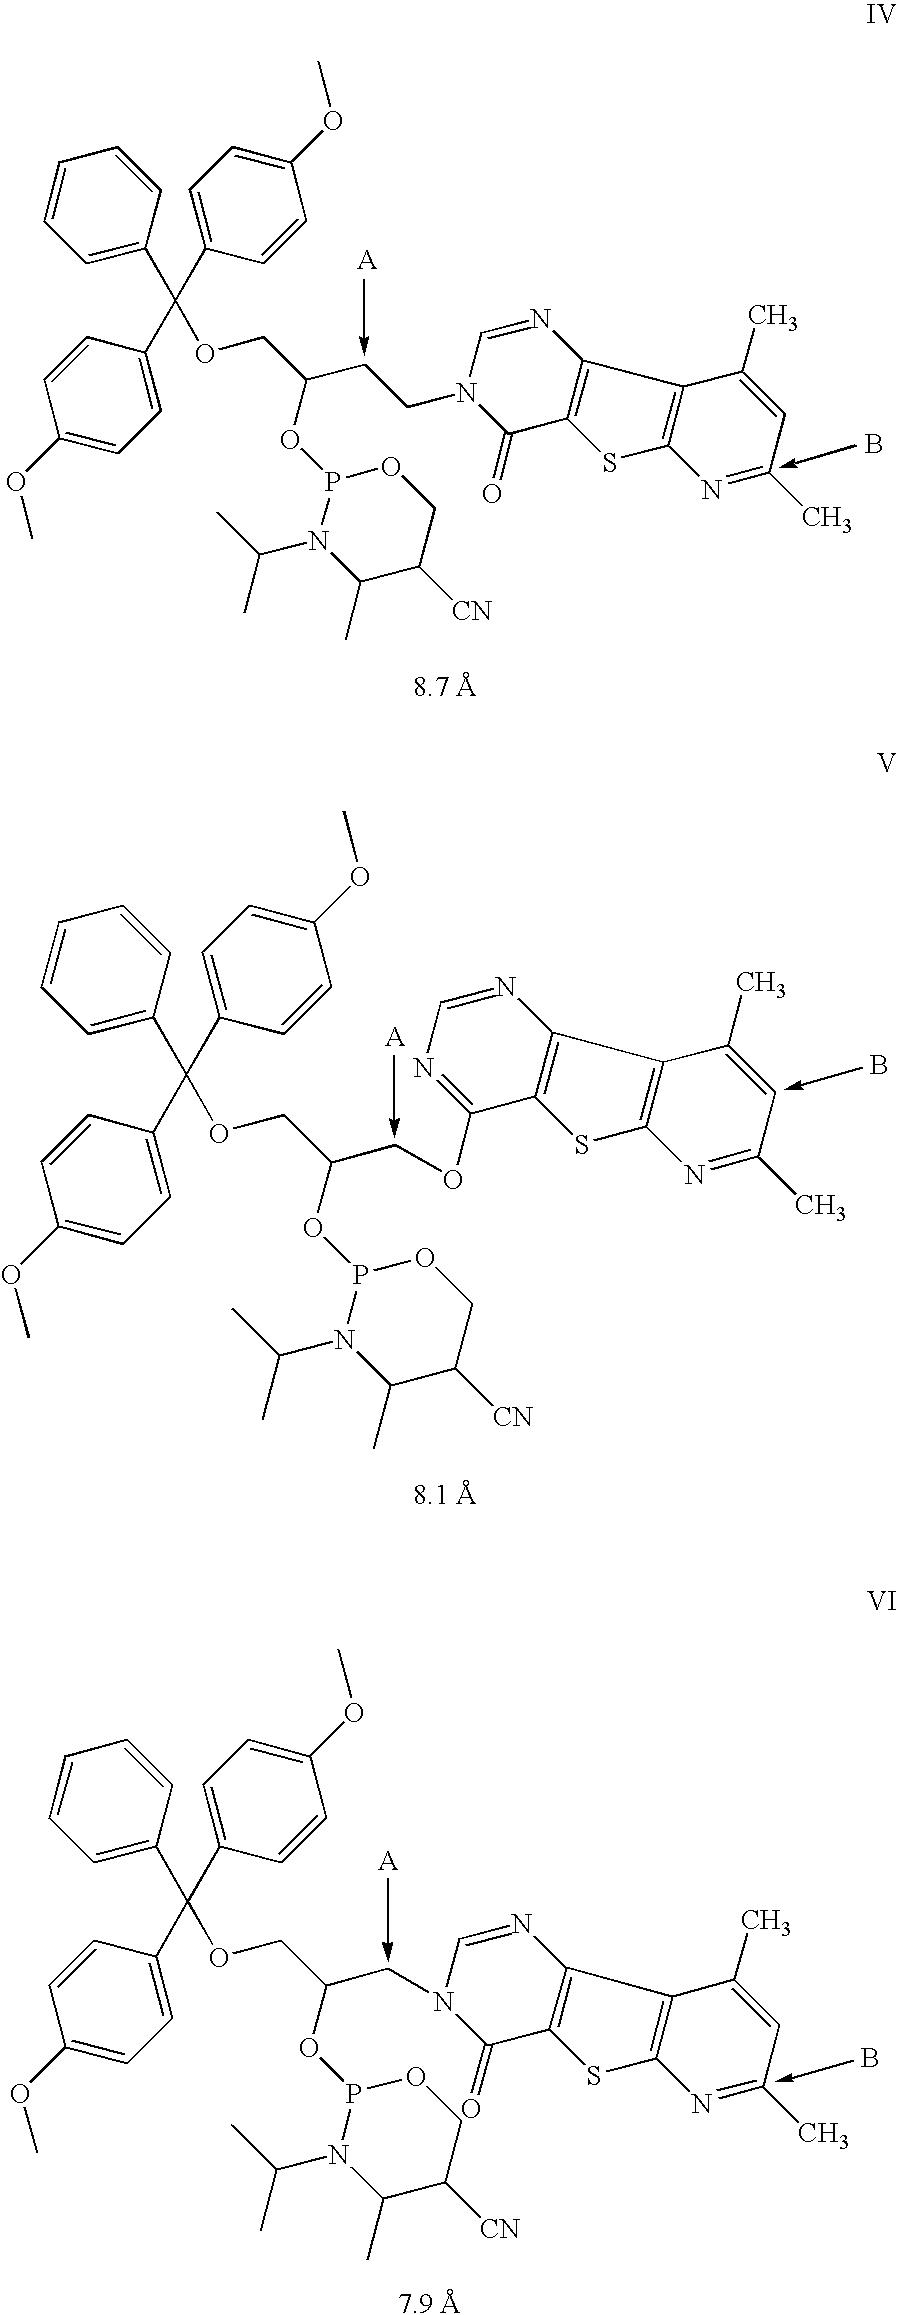 Figure US20060014144A1-20060119-C00084